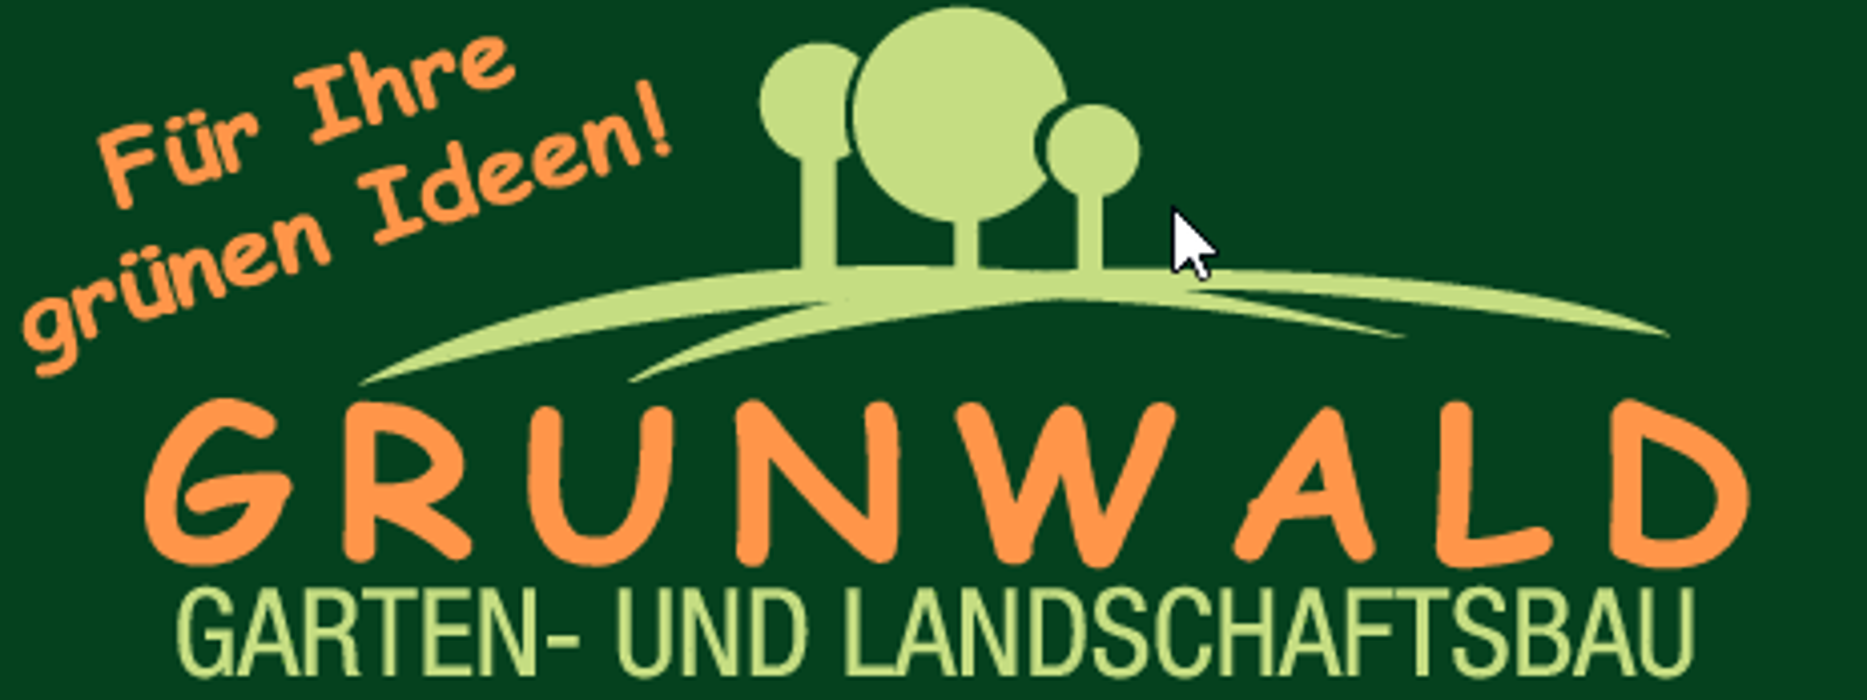 Bild zu Markus Grunwald Gartenbau Landschaftsbau in Hagen in Westfalen